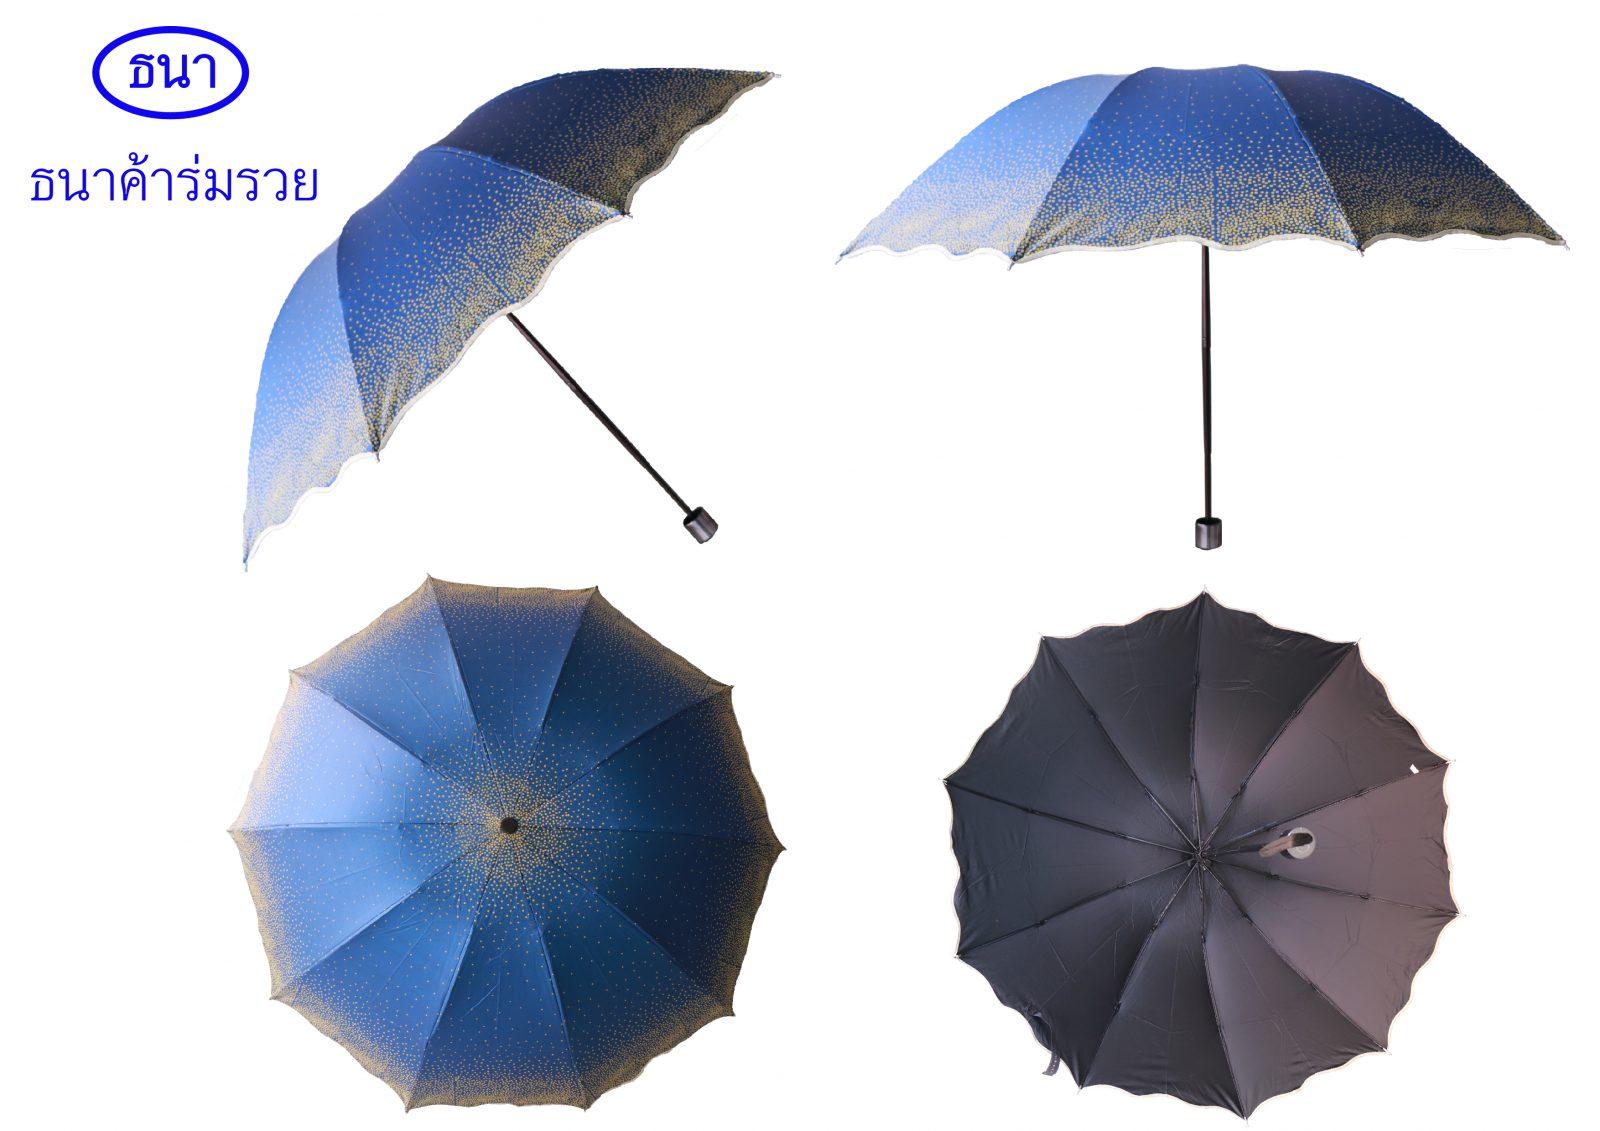 เลือกร่มผู้ชายสักคันจะเลือกยังไงดี ?